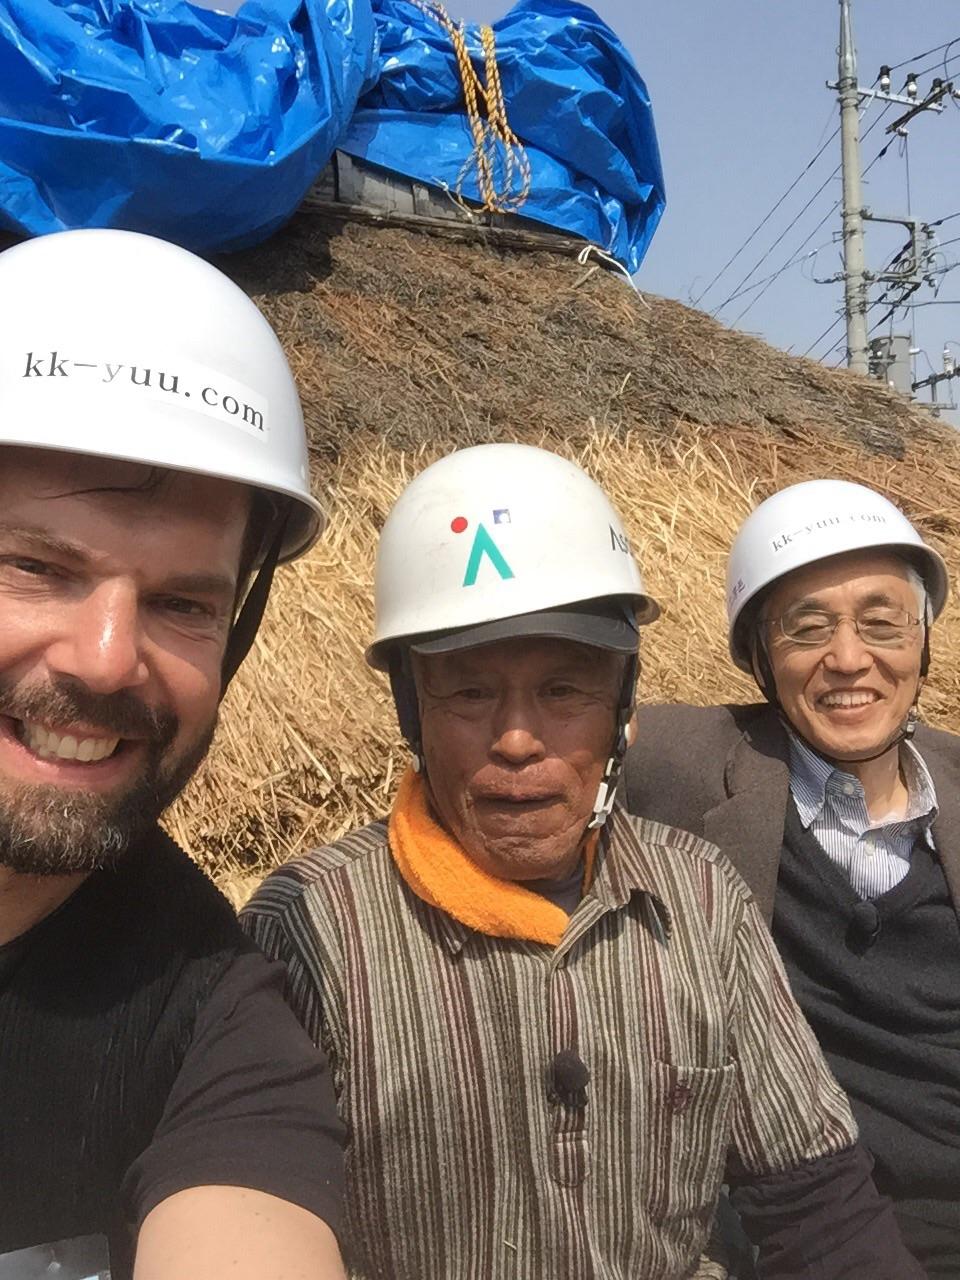 Foto mit Professor Ando und dem Dachdeckermeister